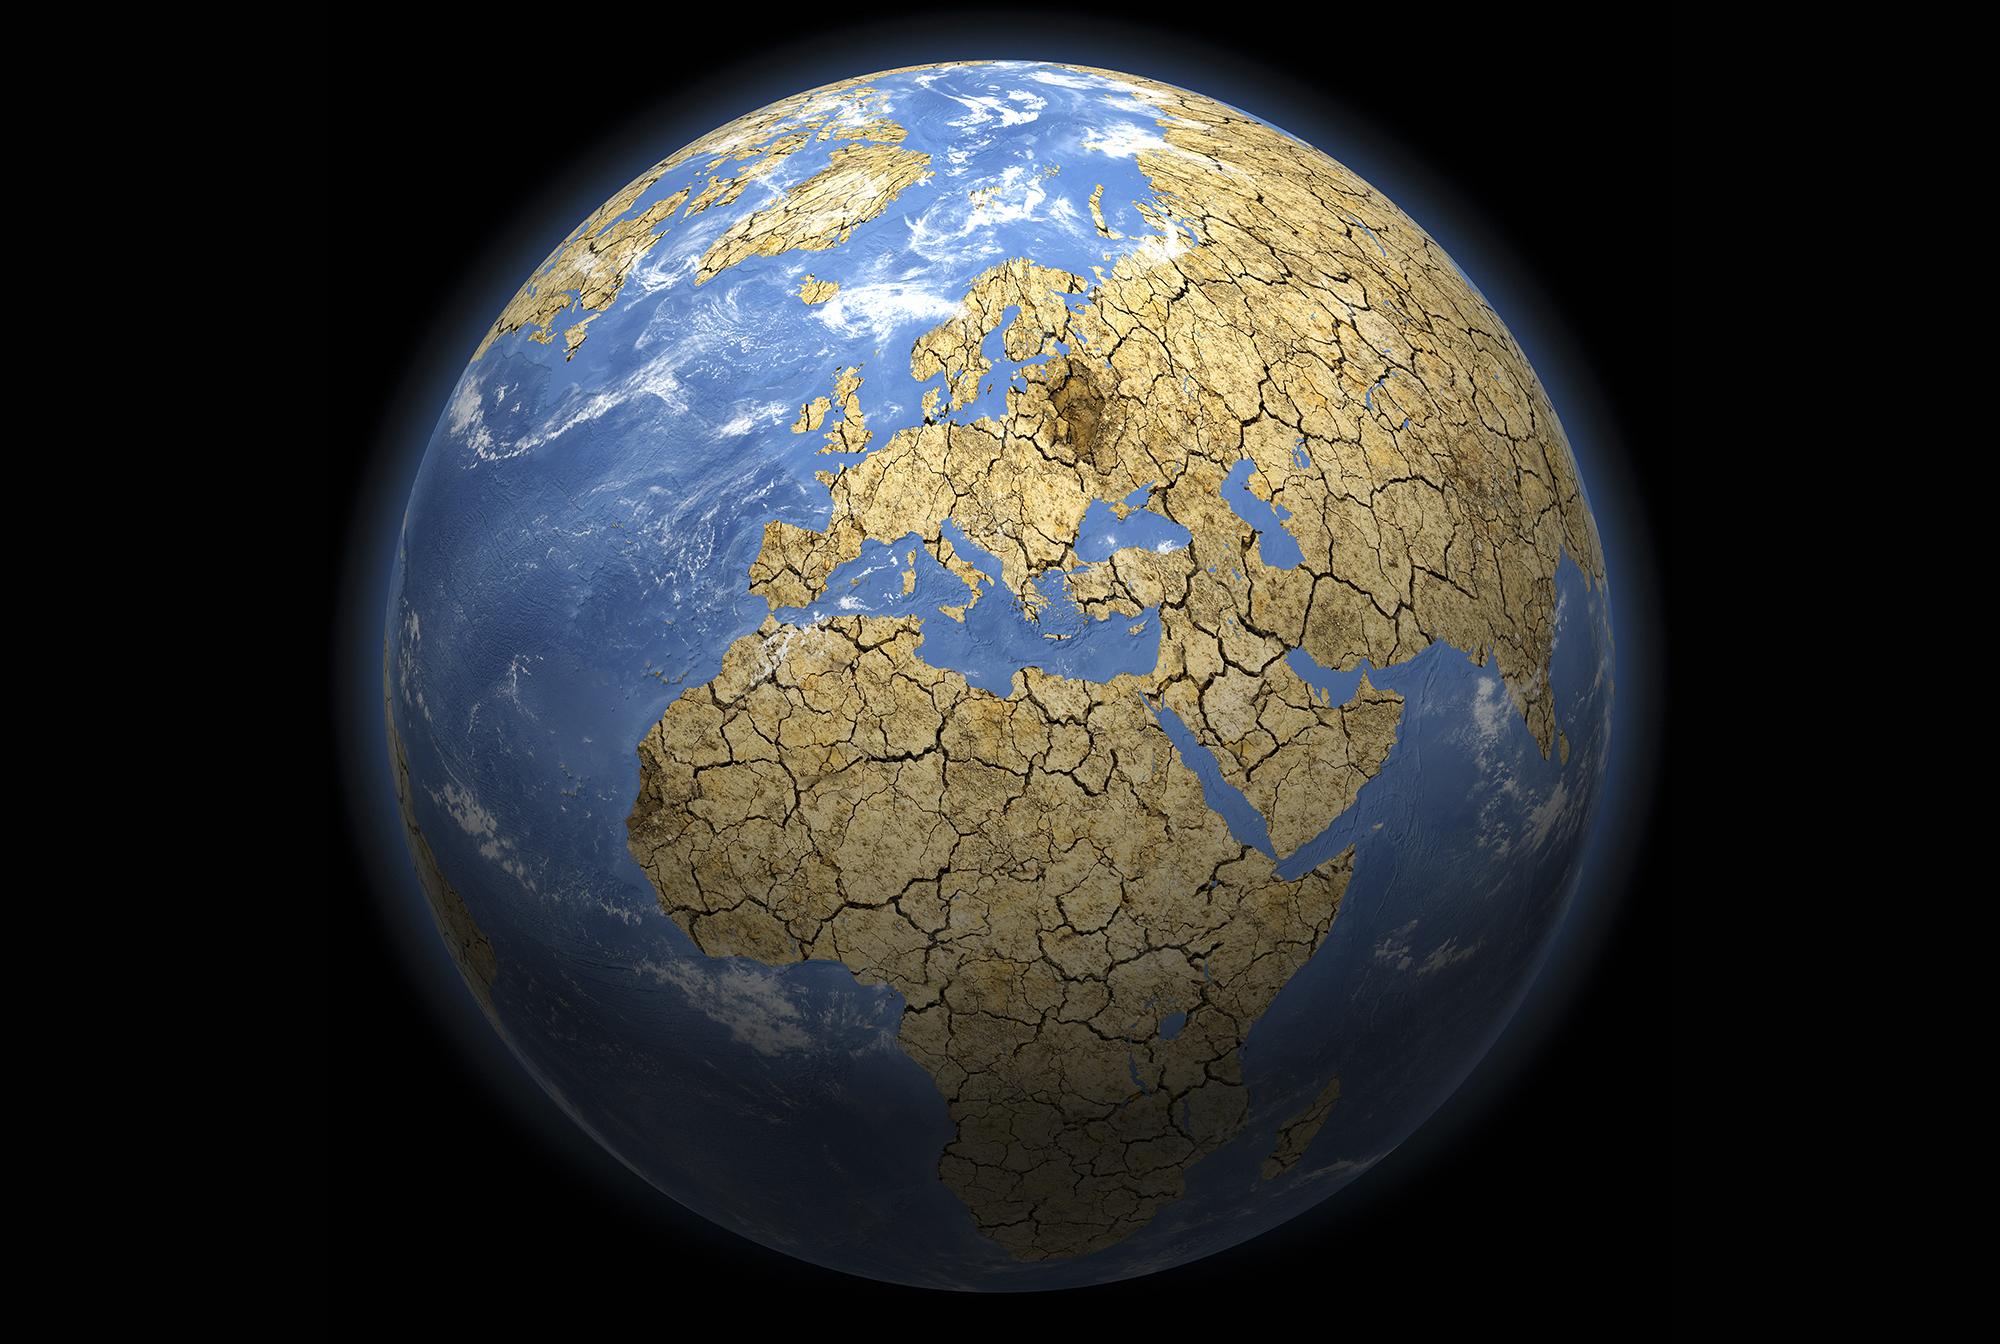 La Tierra se queda sin recursos